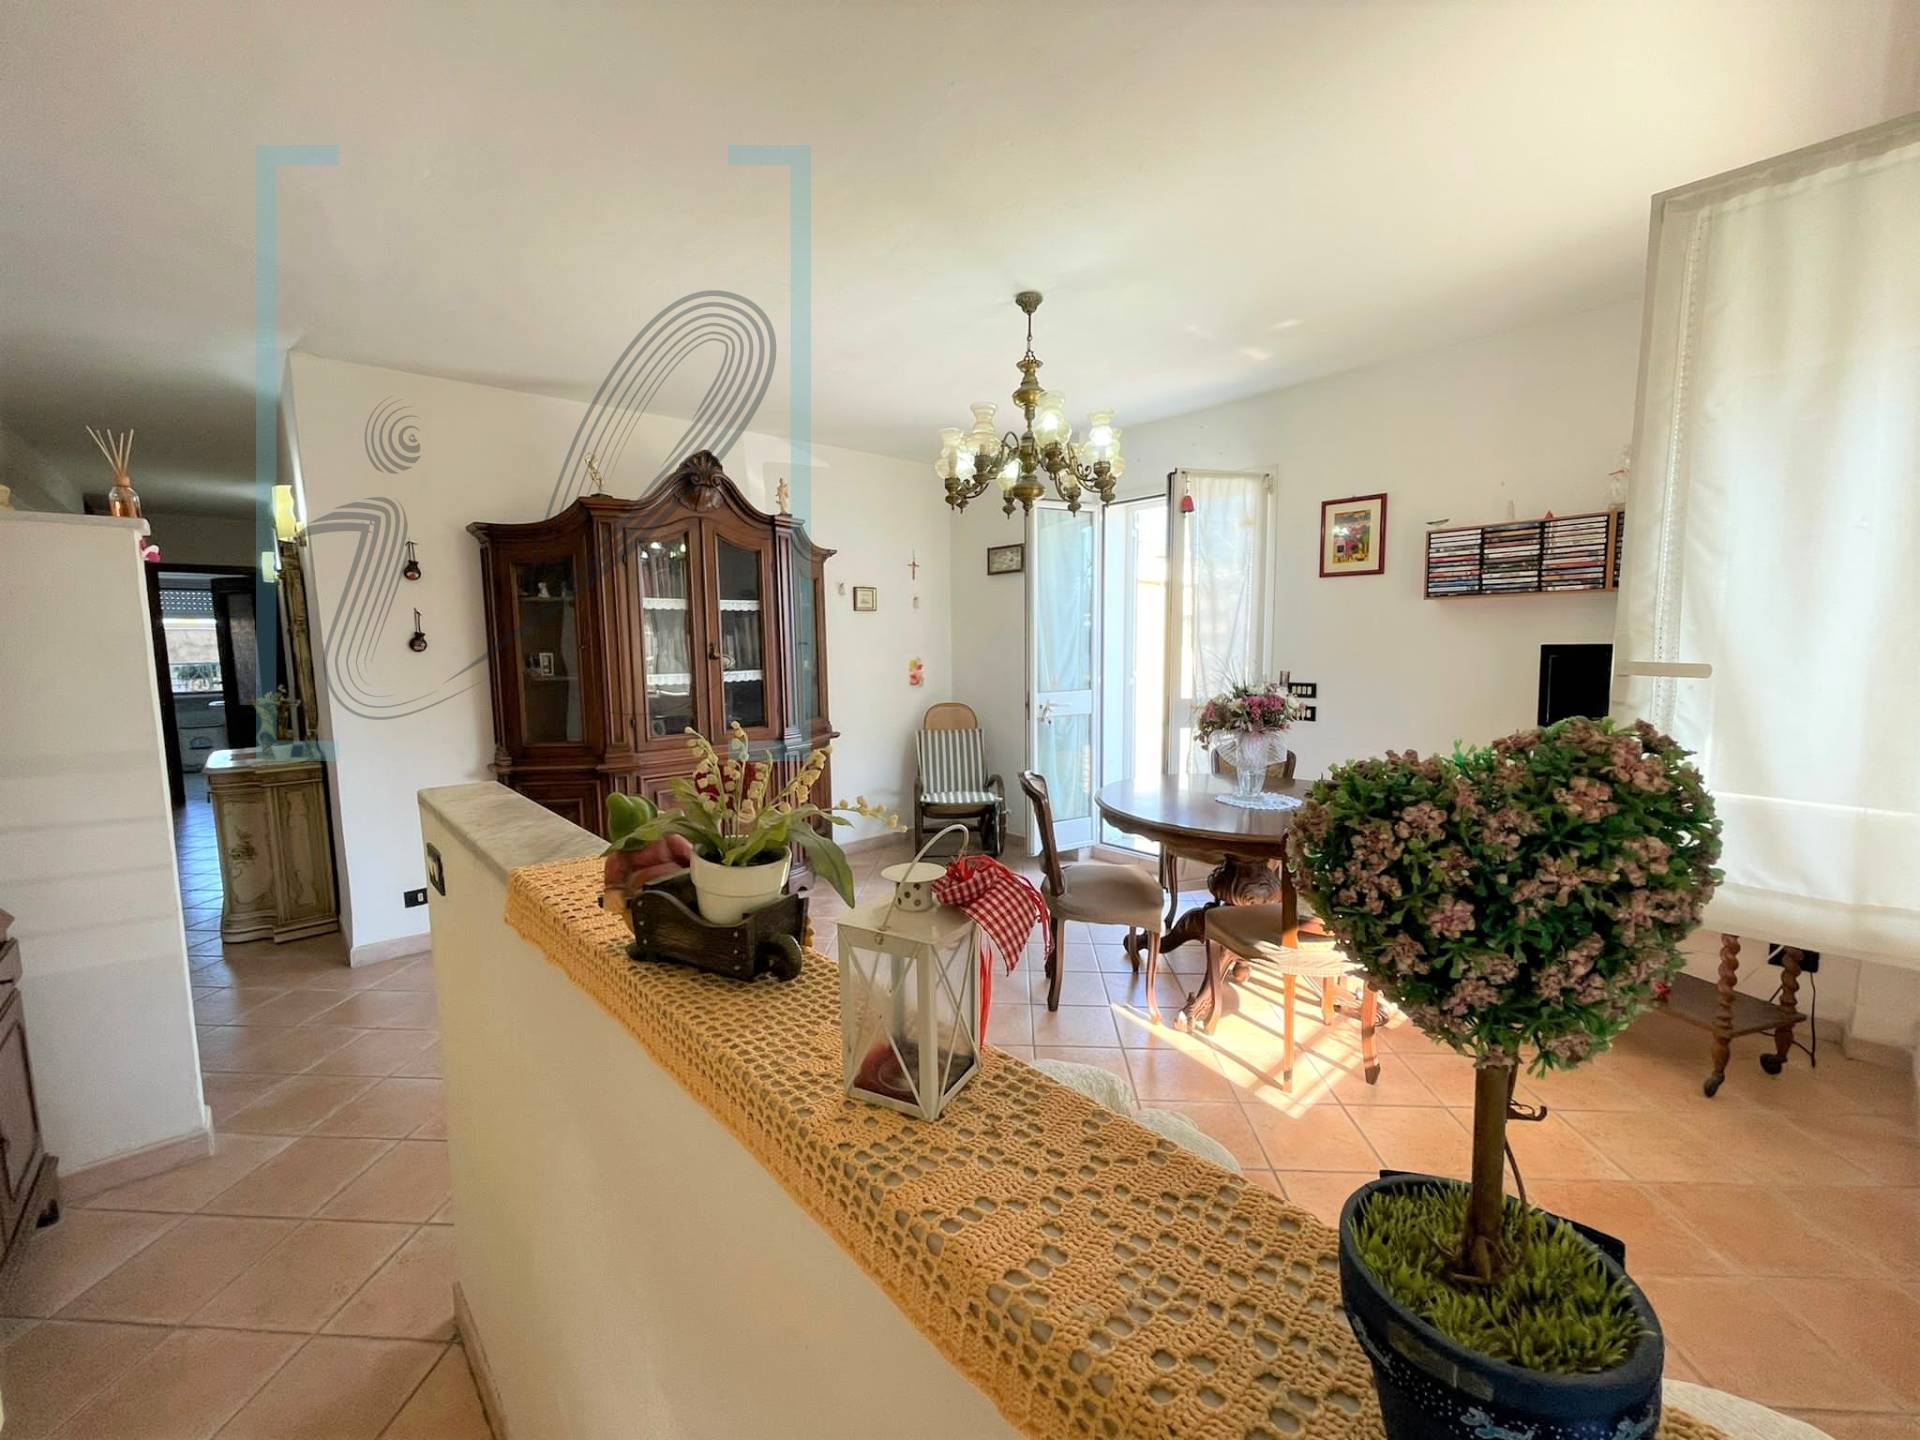 Appartamento in vendita a Albenga, 3 locali, prezzo € 215.000 | PortaleAgenzieImmobiliari.it